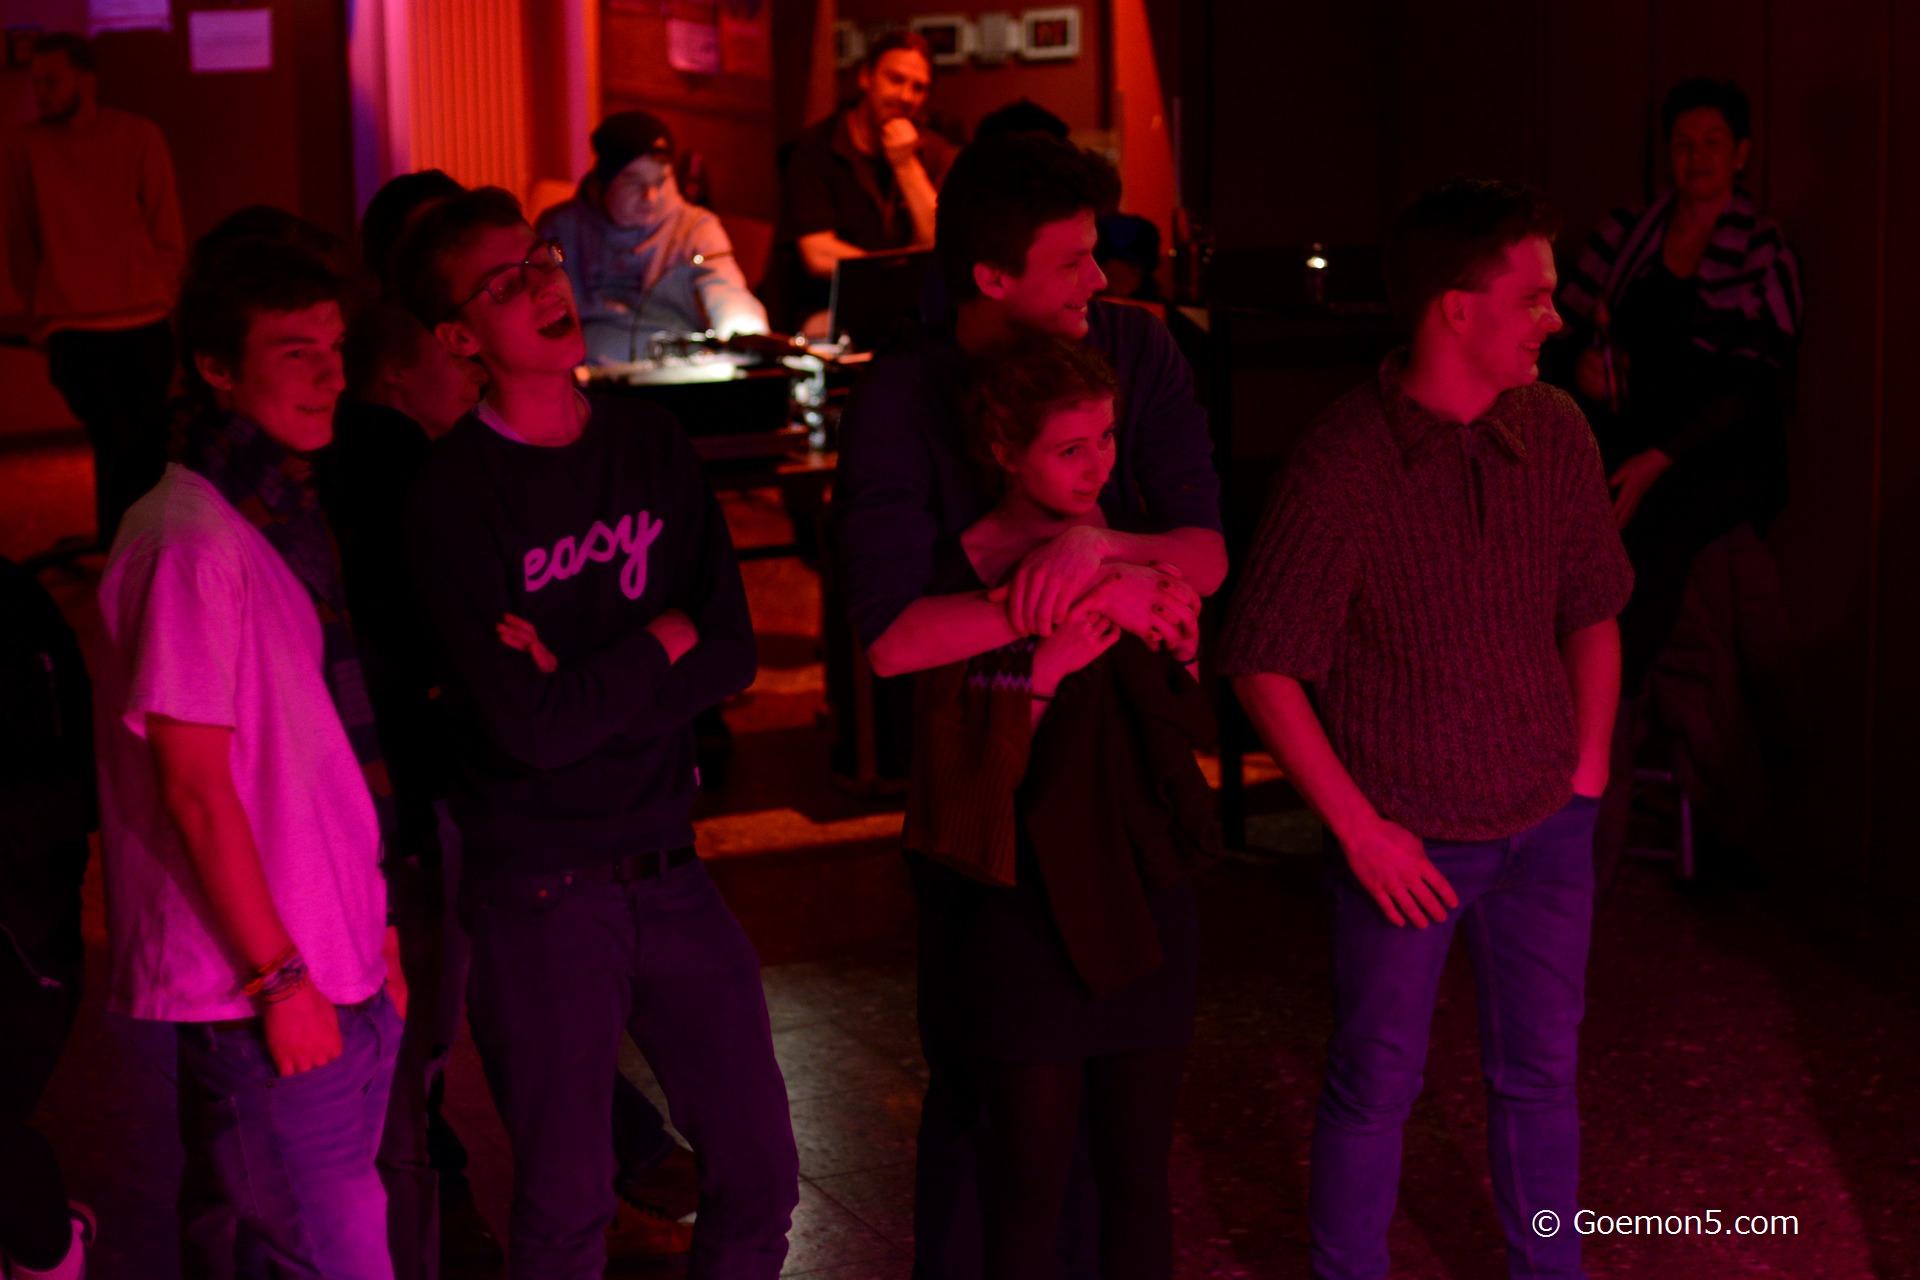 OK Sweetheart at ParkClub 12